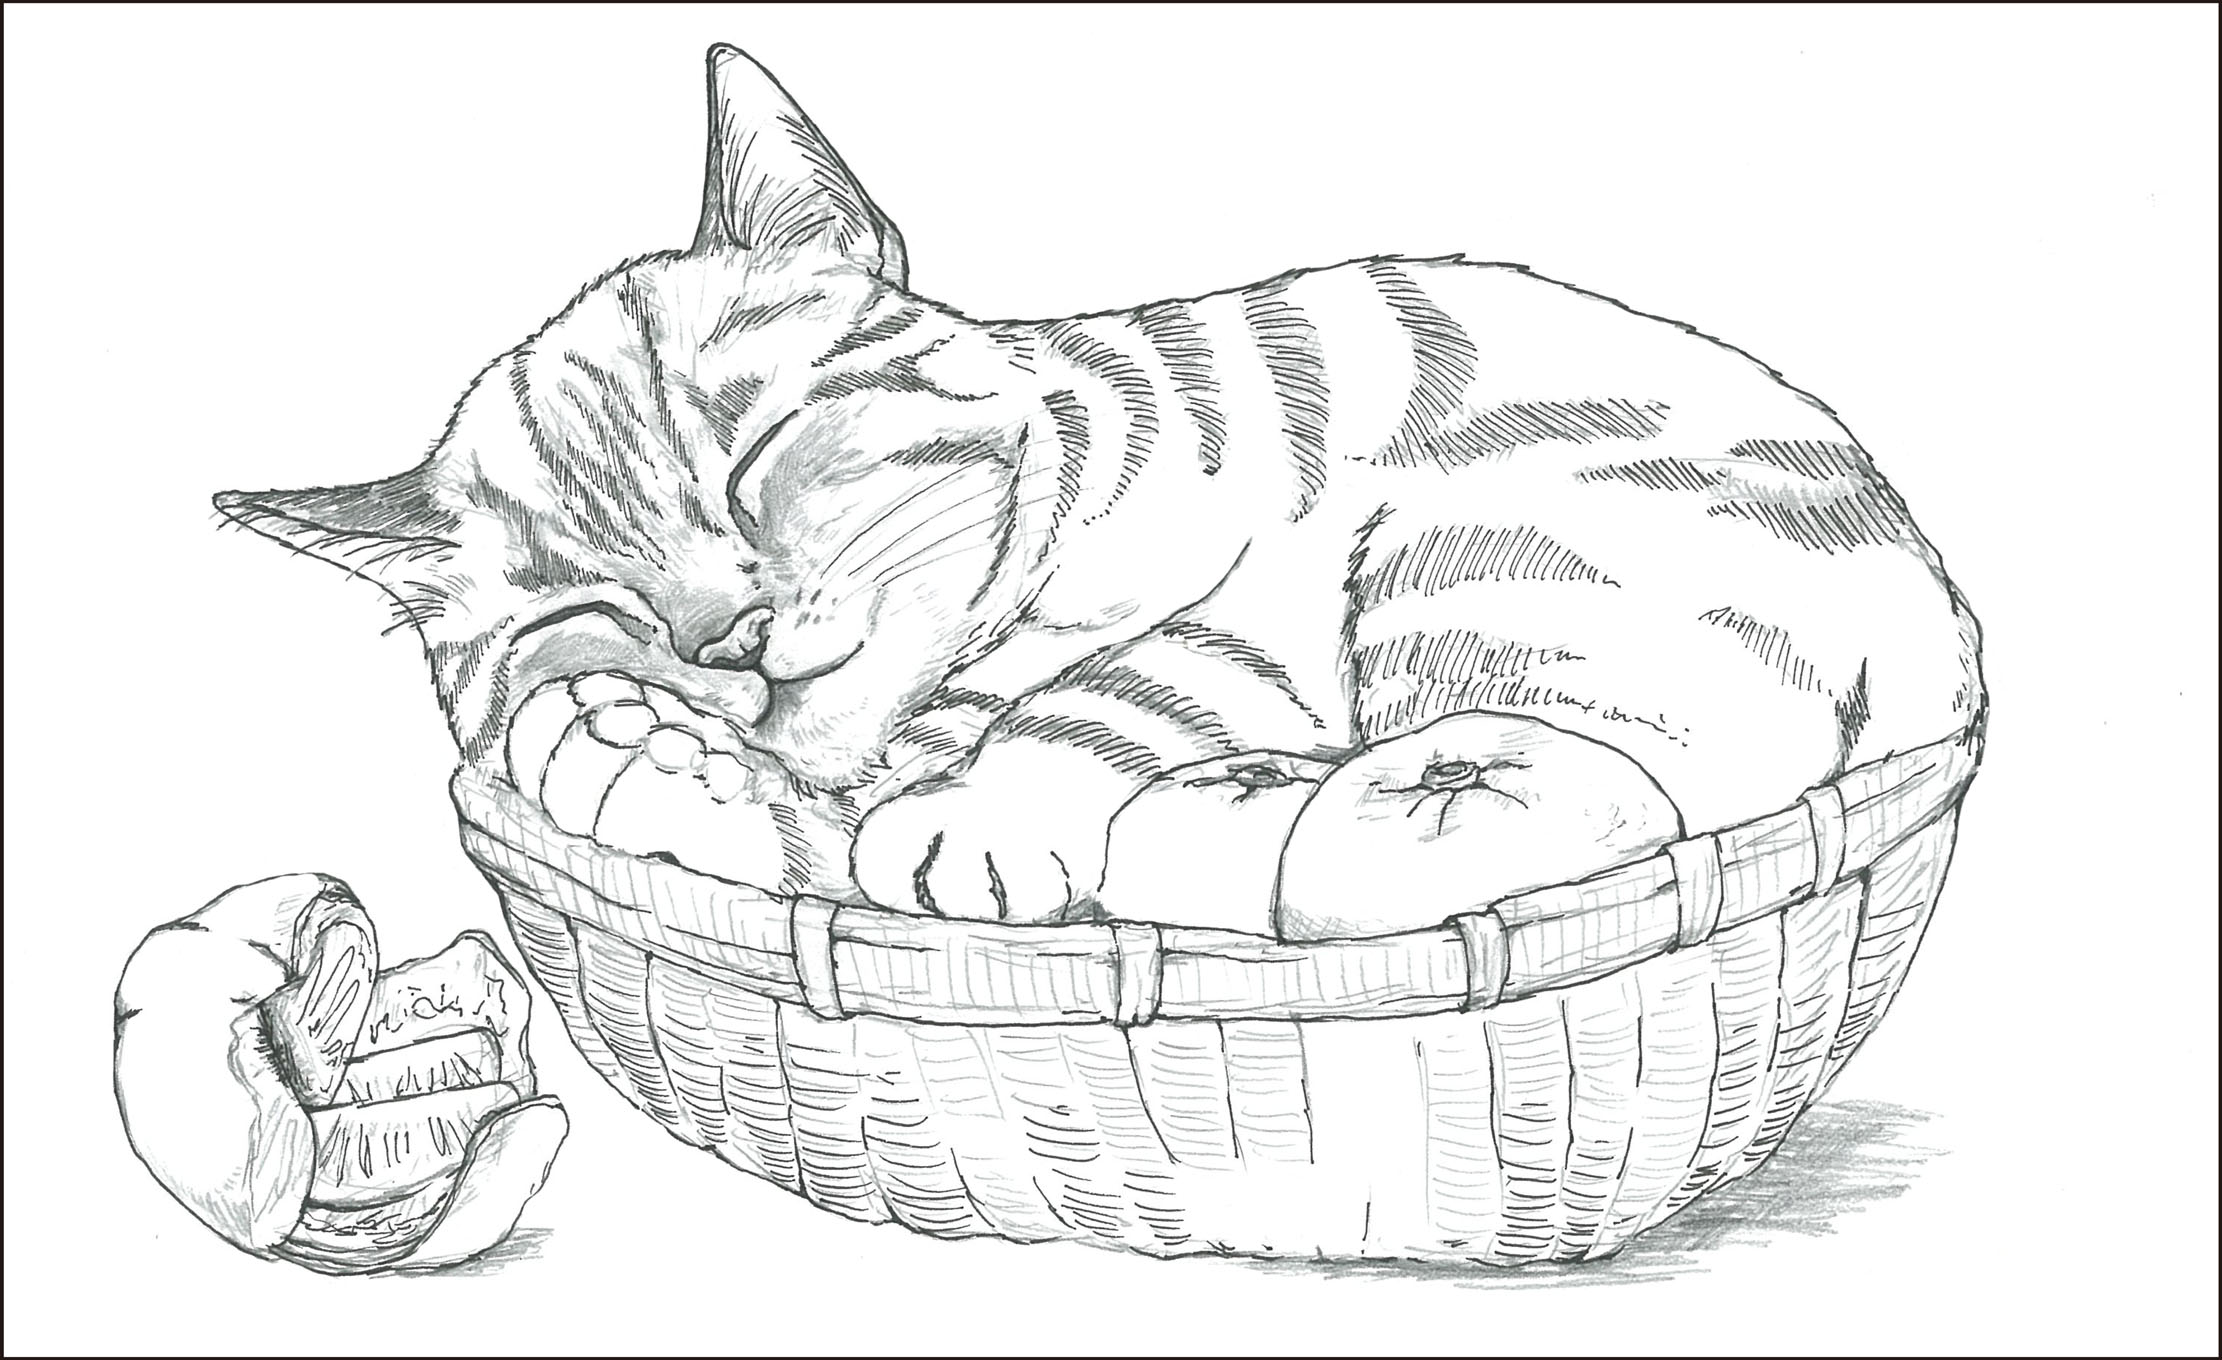 レク素材 猫とみかん介護レク広場レク素材やレクネタ企画書の